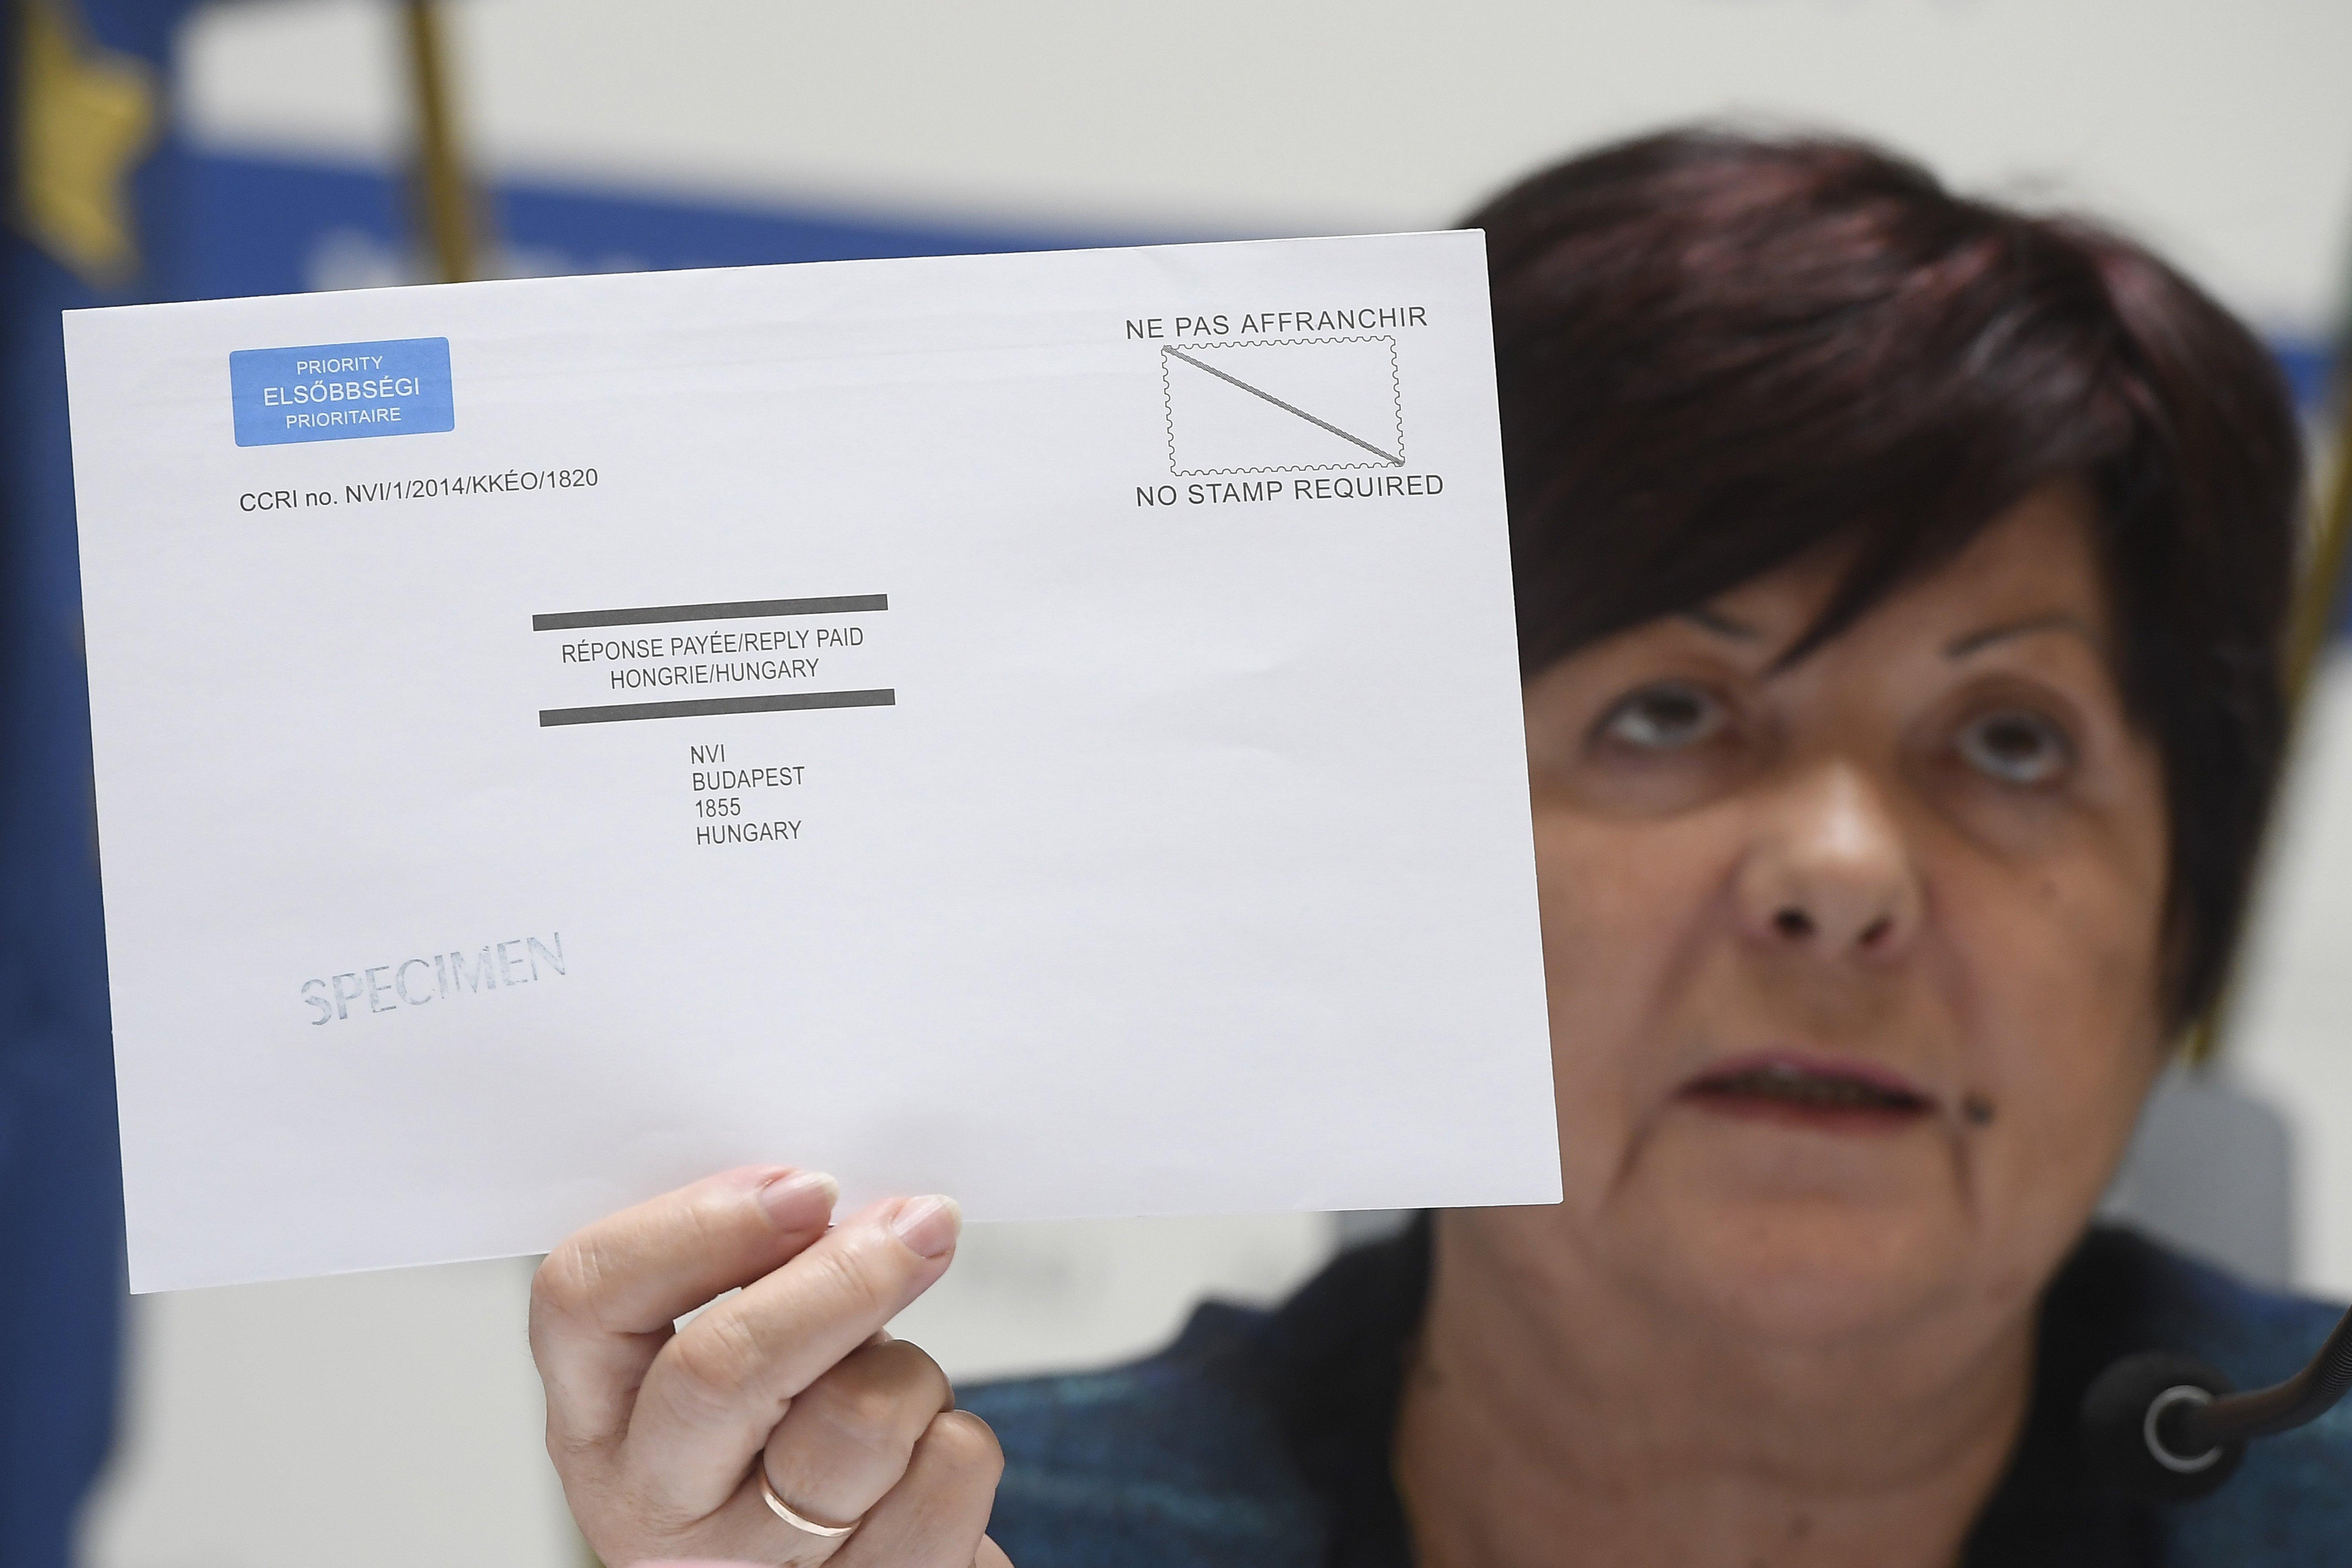 Aki külföldön szavaz, levélben, az ma még átveheti a szavazási levélcsomagot a külképviseleteken